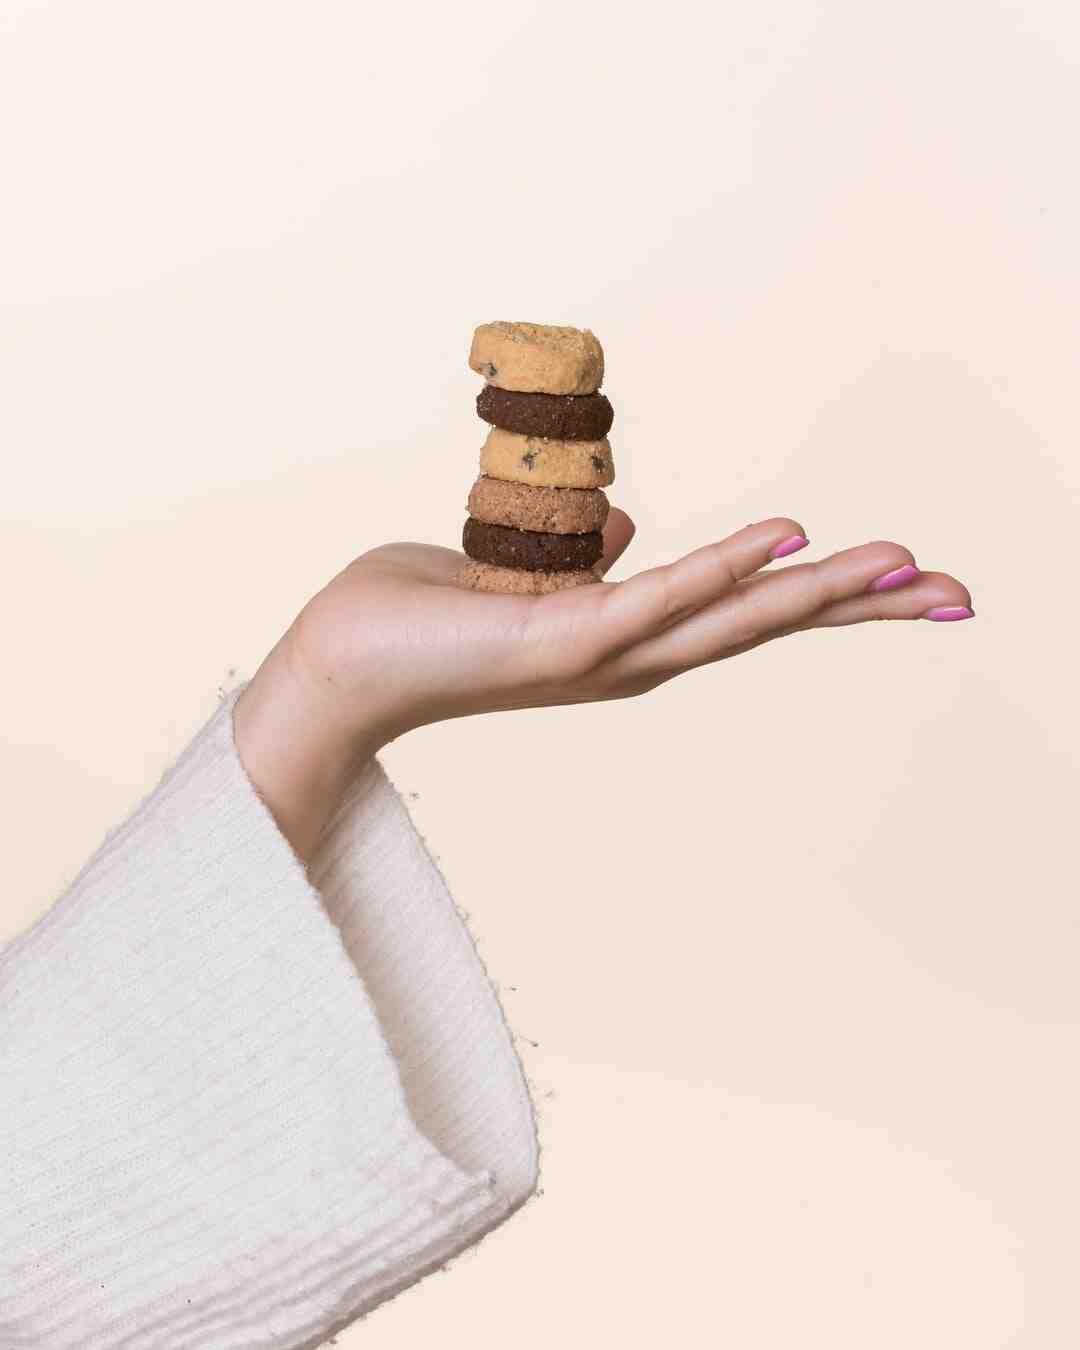 Quels sont les biscuits les plus sains ?